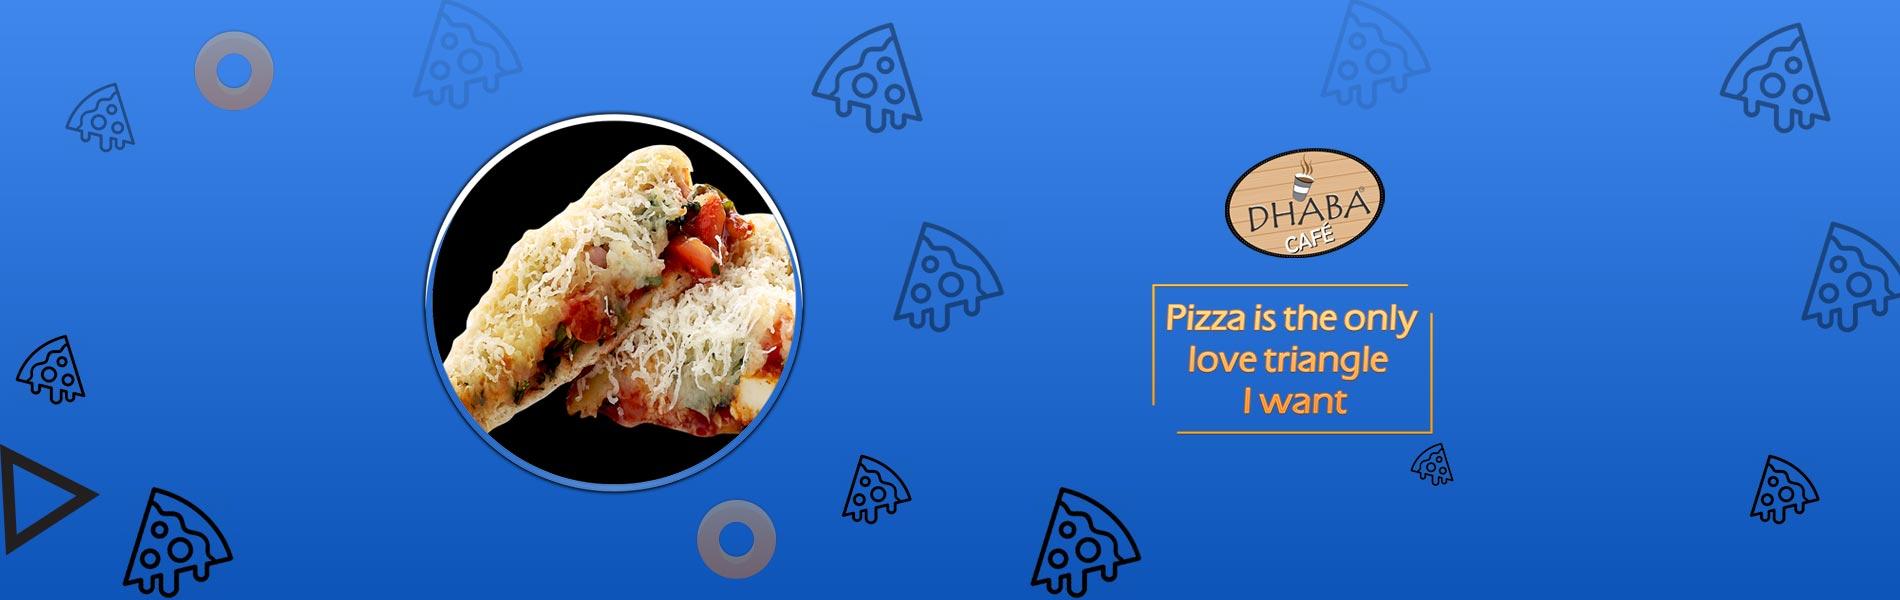 Sarva Food Chain Pvt. Ltd